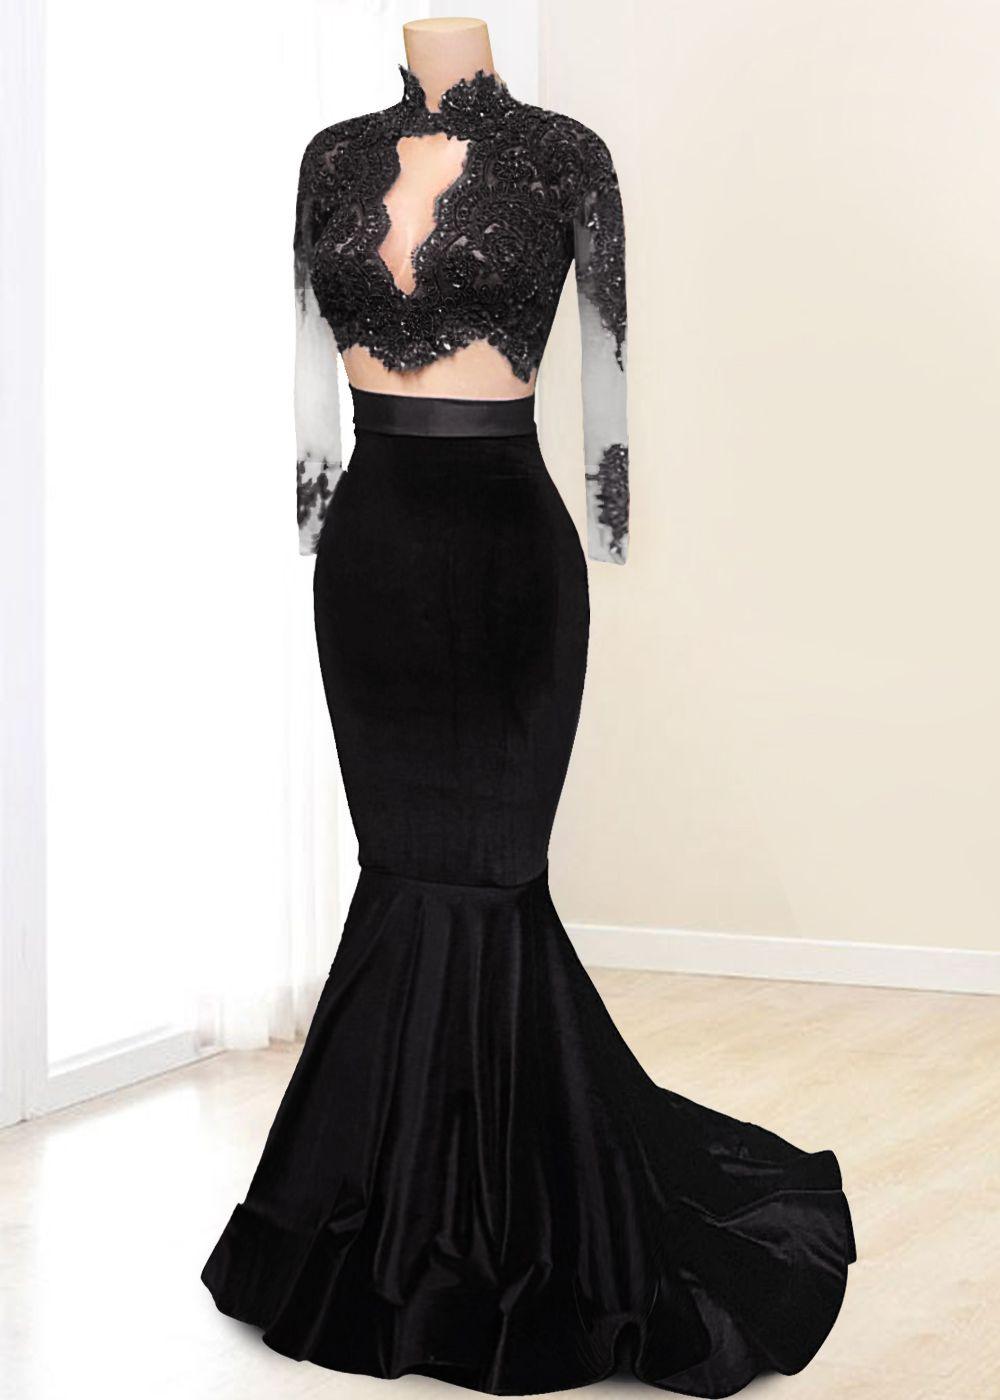 Erstaunlich Abendkleider 2 Teilig für 201910 Luxus Abendkleider 2 Teilig Spezialgebiet